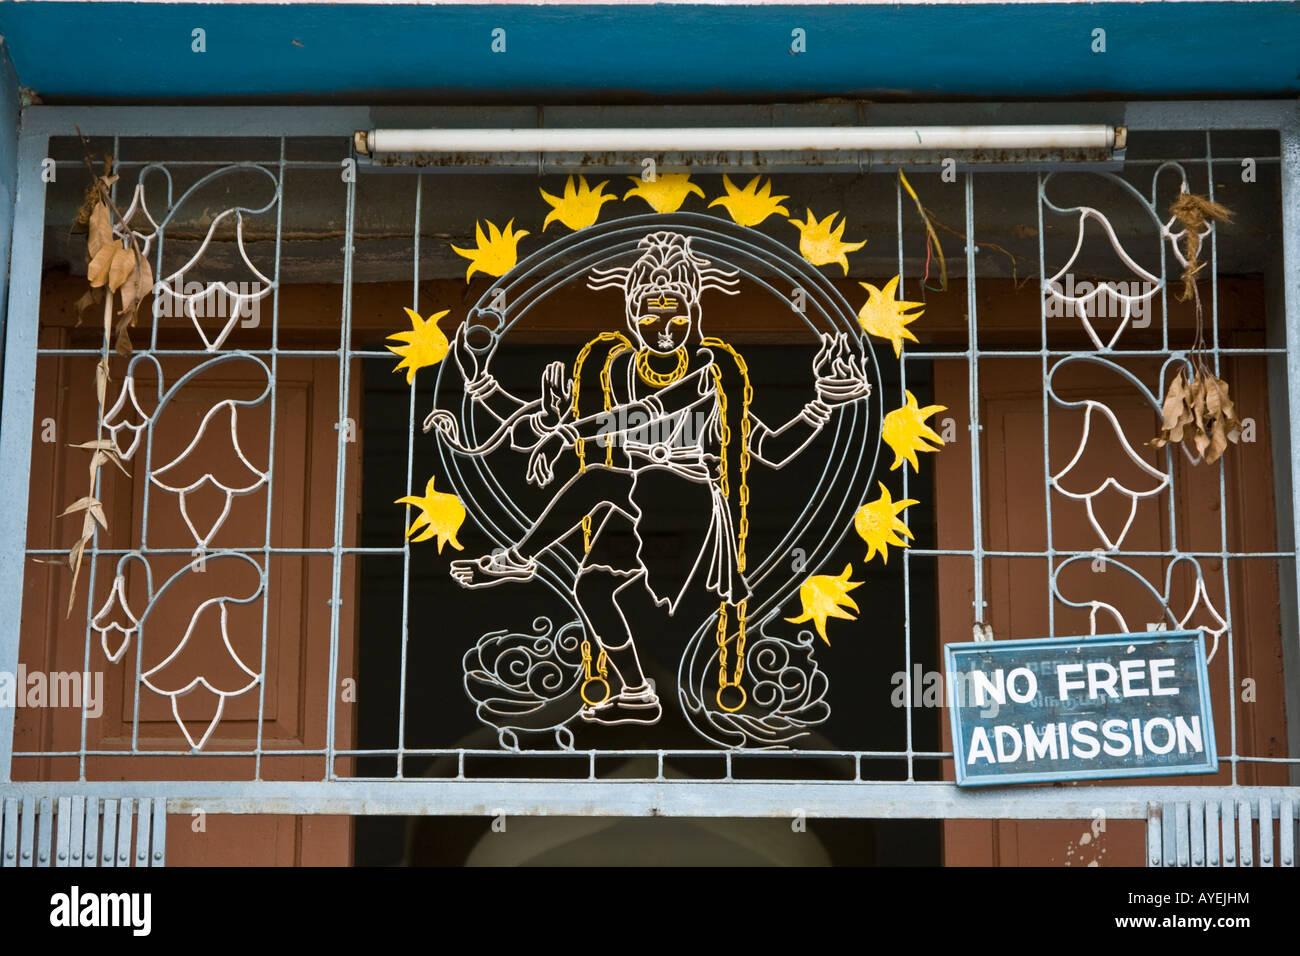 No Free Entry at the Thanjavur Royal Palace in Thanjavur South India - Stock Image